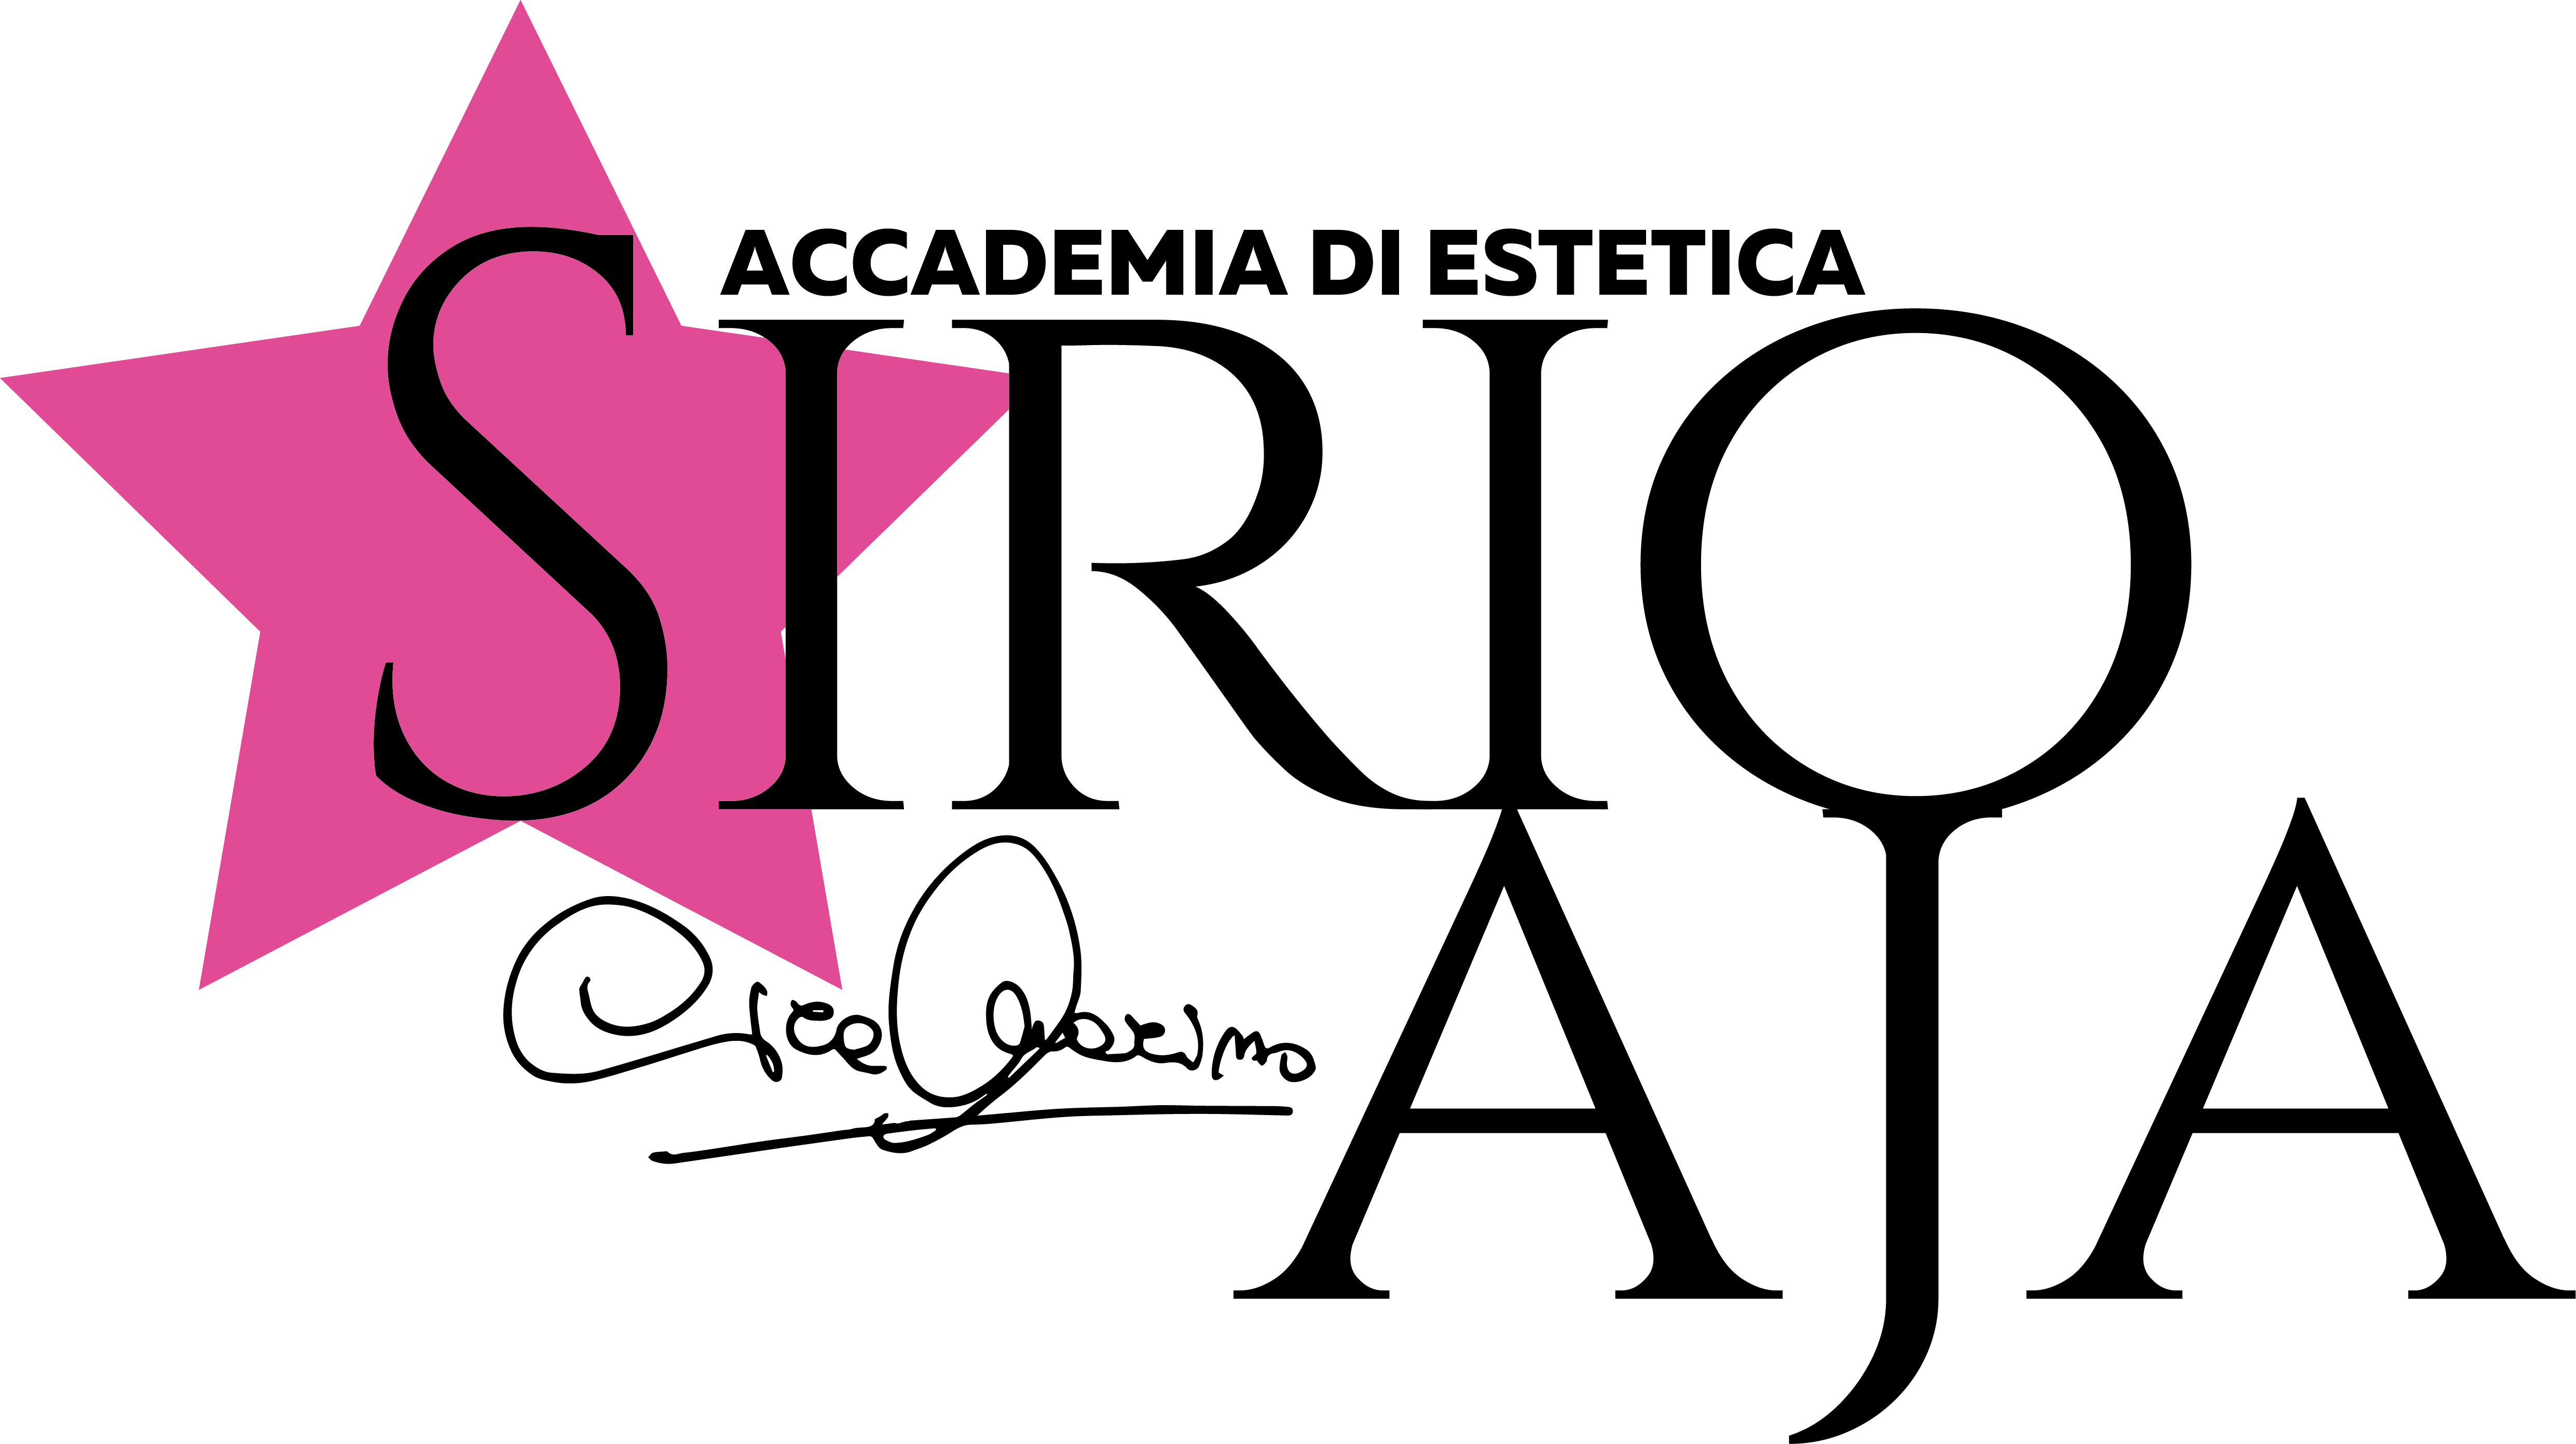 Scuola estetica Sirio Aja - Napoli - Cira Guarino